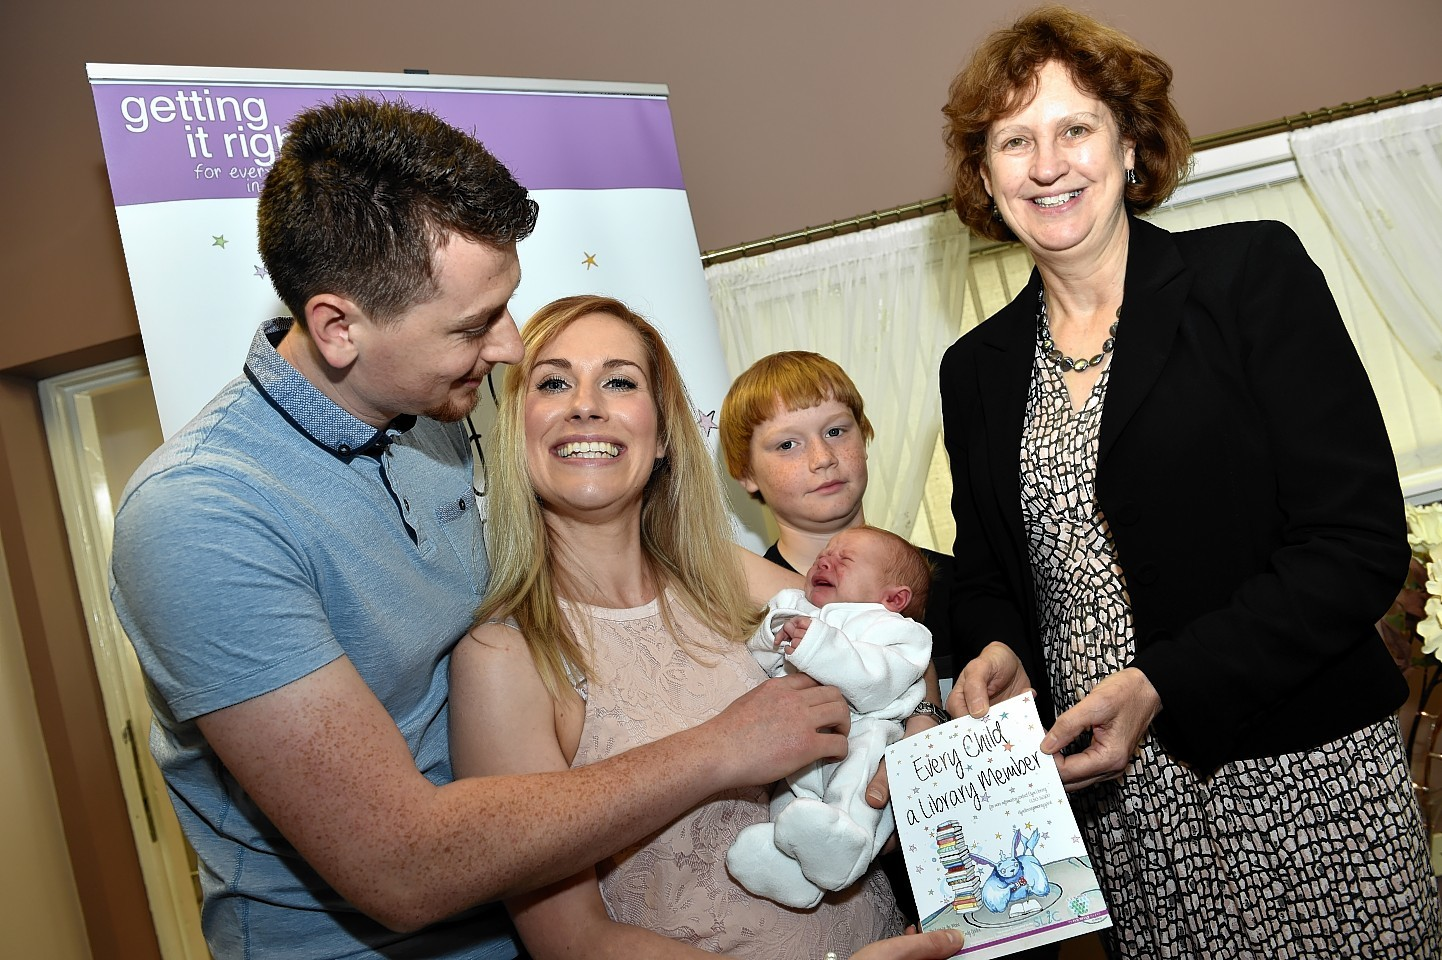 Paul Mitchell, Kathryn Mitchell, and elder son, Jake Mitchell with her baby son Lochlan and Cllr. Anne Skene